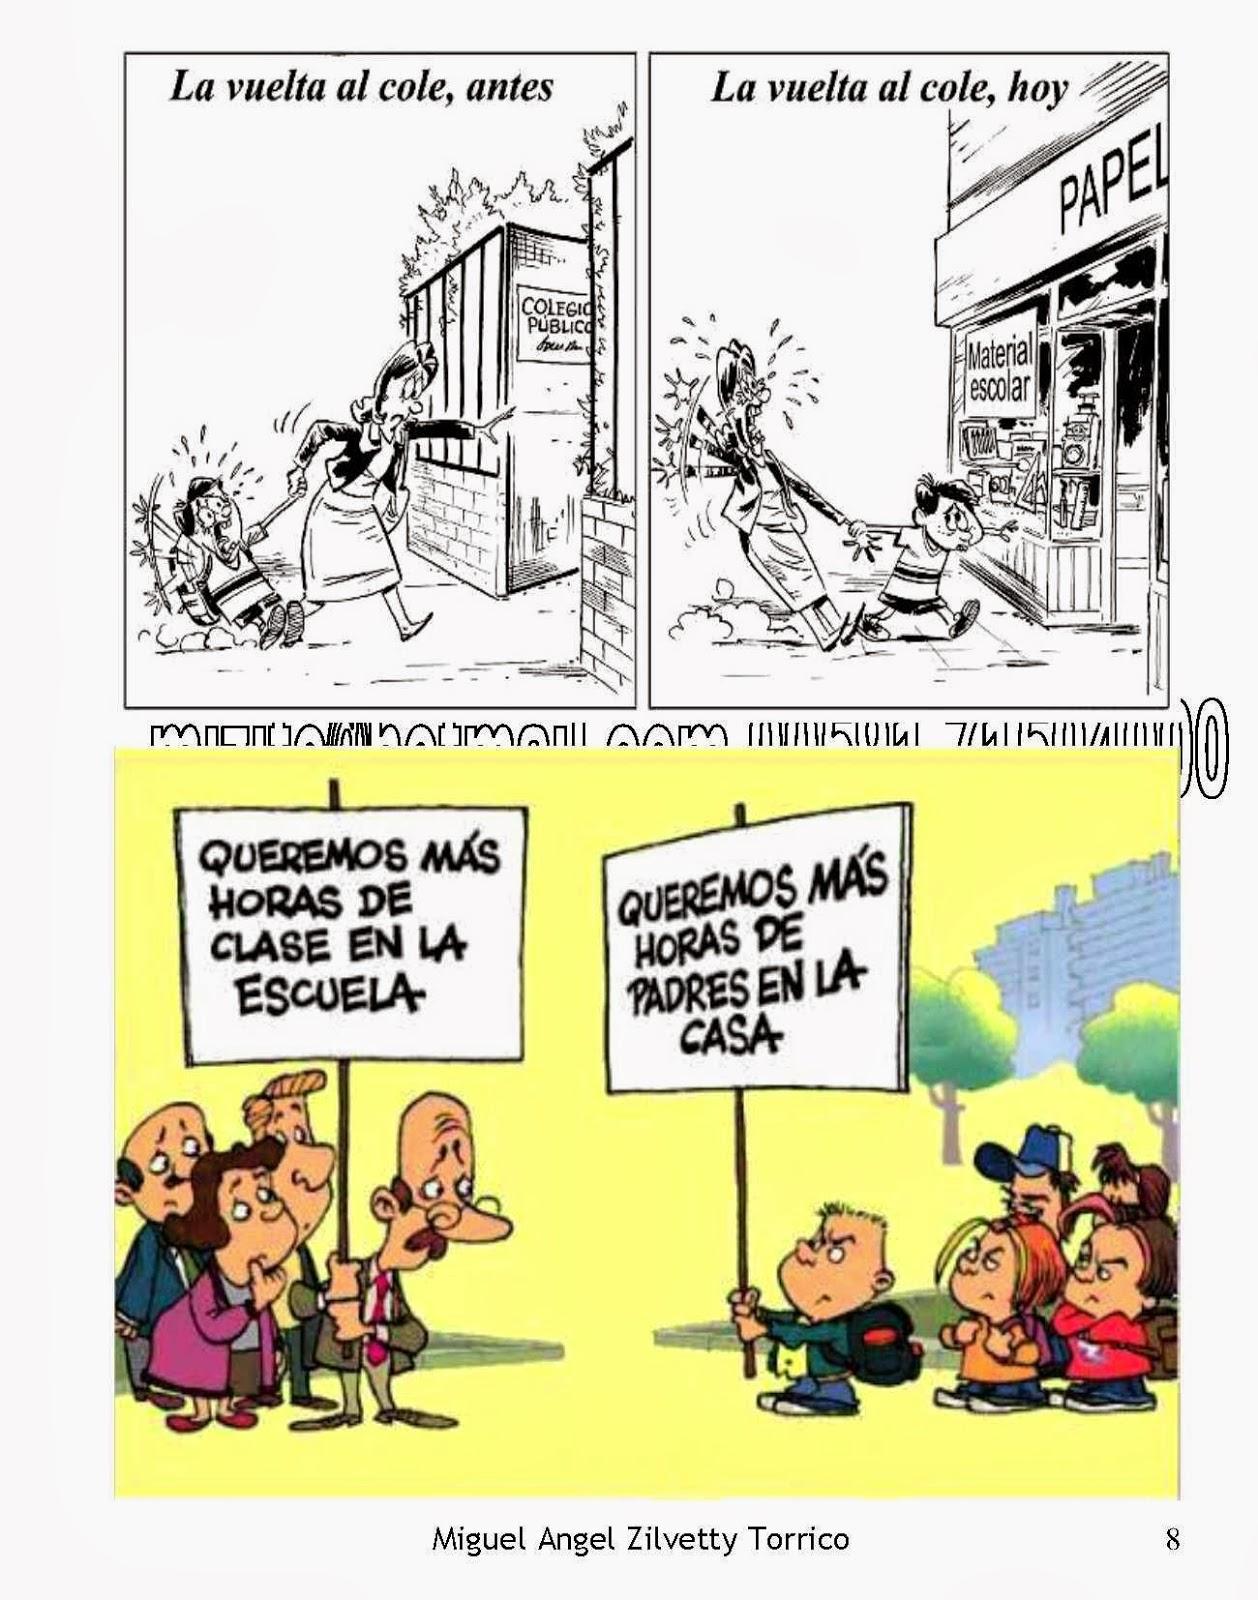 DEL PROYECTO SOCIOPRODUCTIVO Y ADEMÁS 200 MODELOS YA ELABORADOS